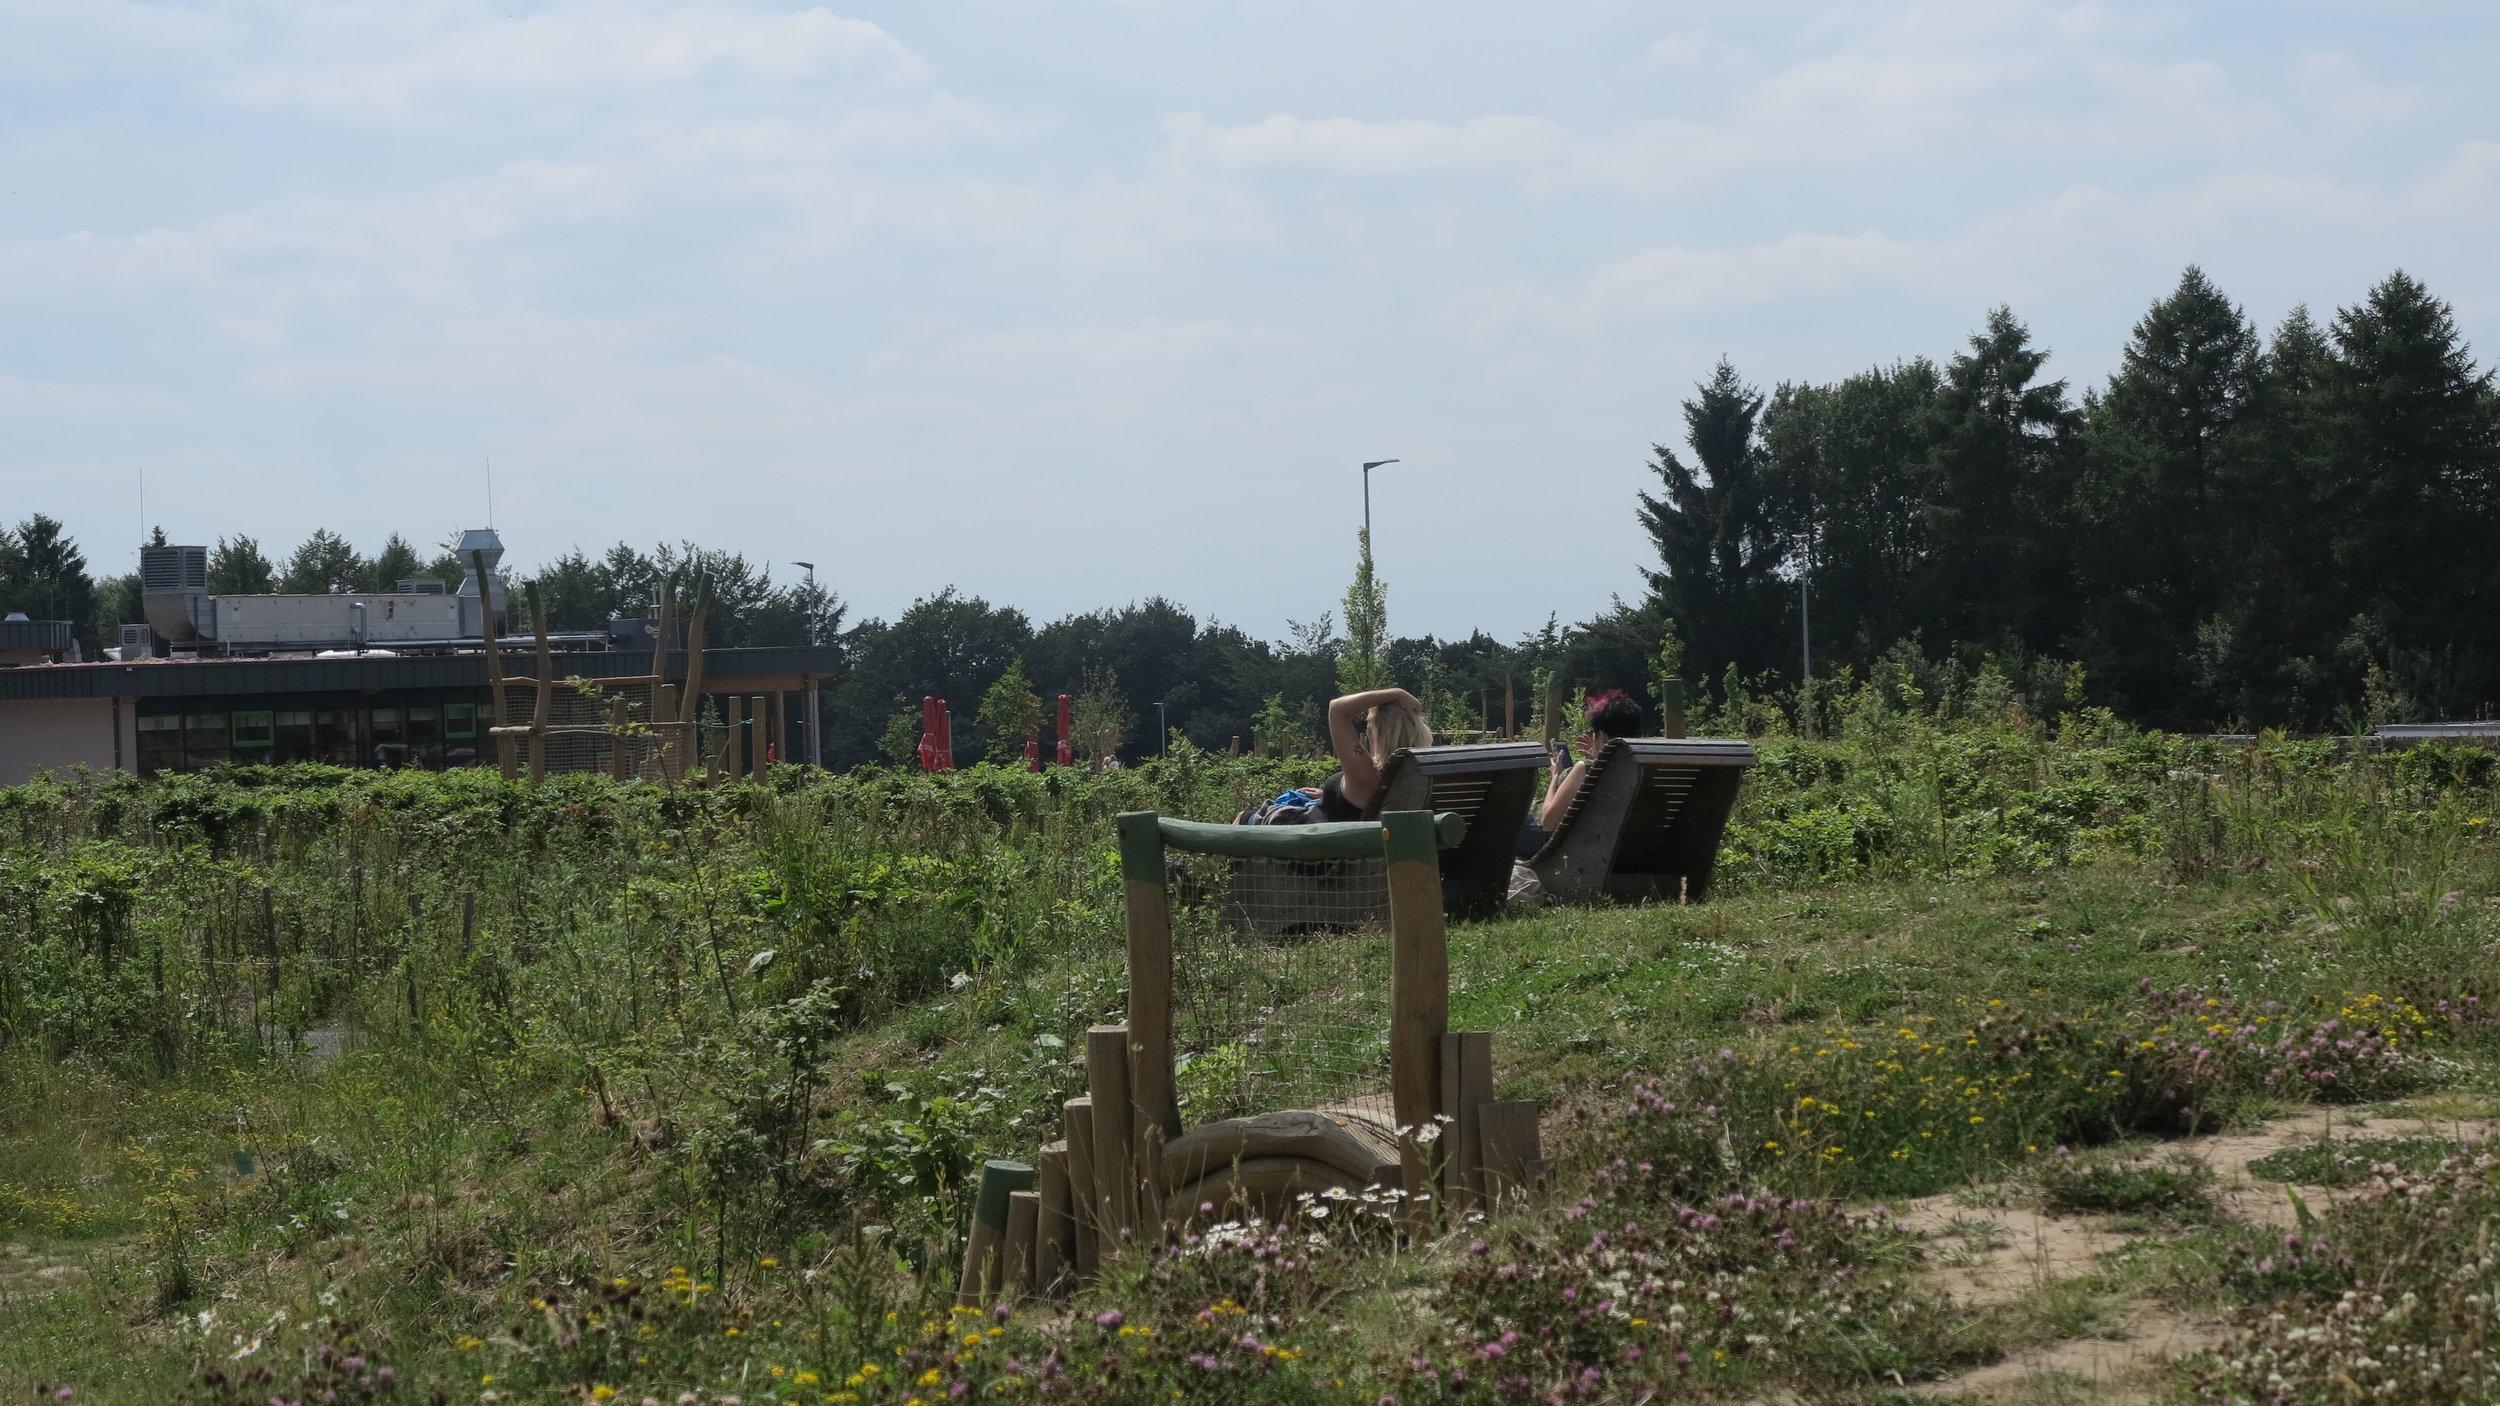 Weite und Wald: Panarbora ist ein idealer Tagesausflug für Familien